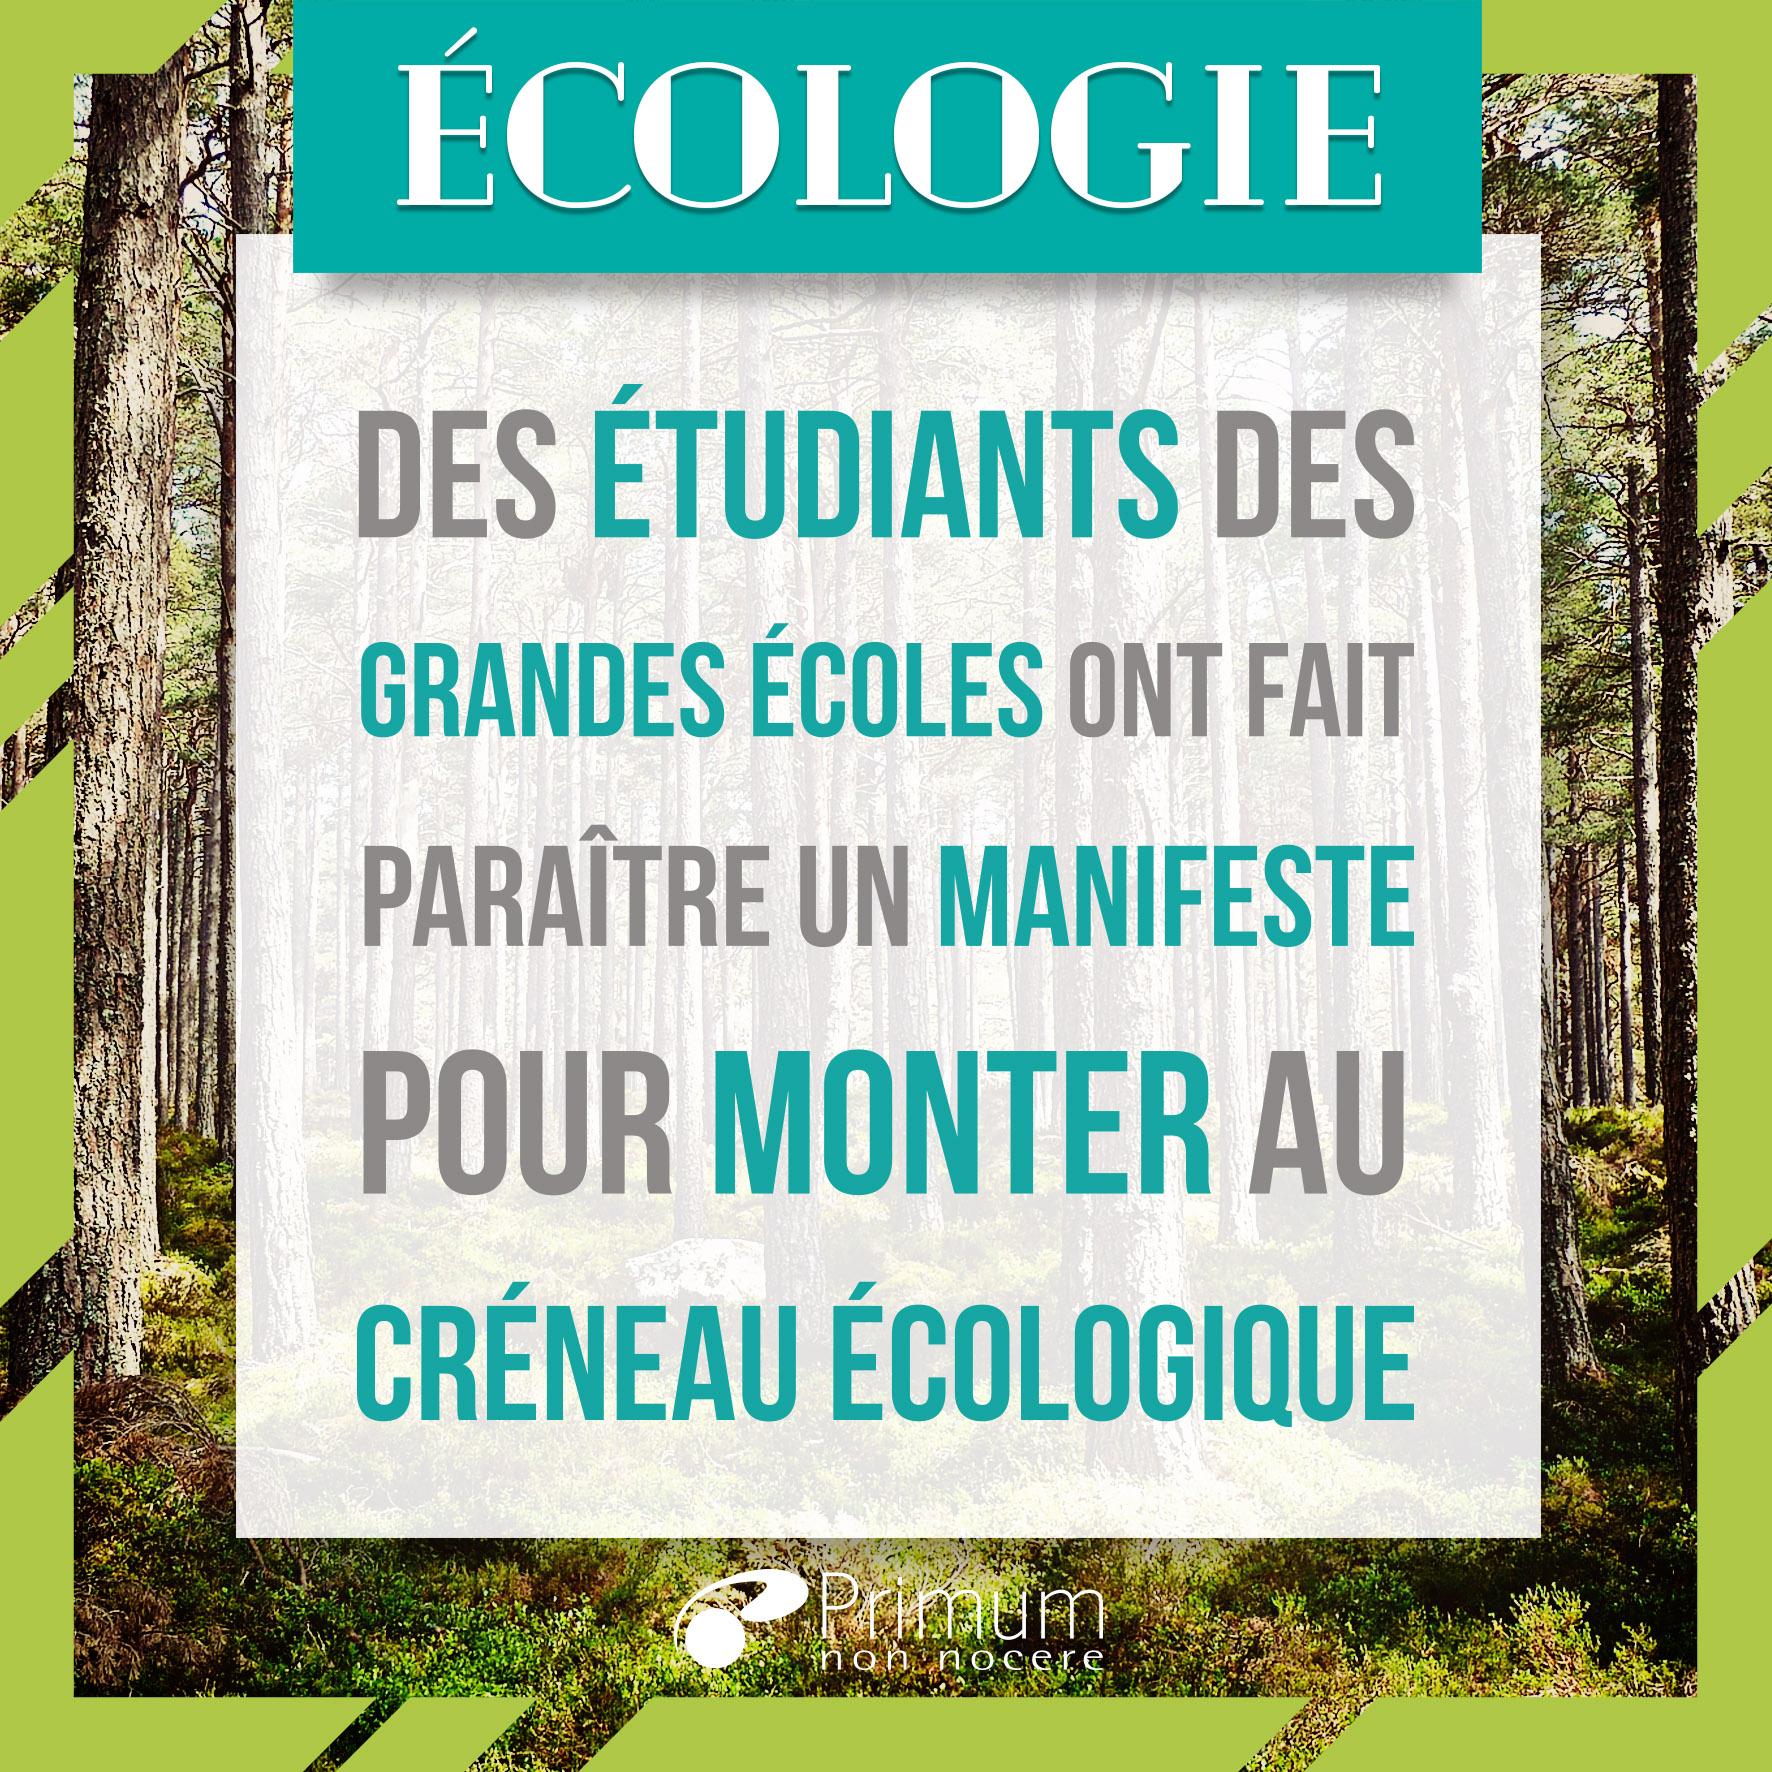 manifeste écologique